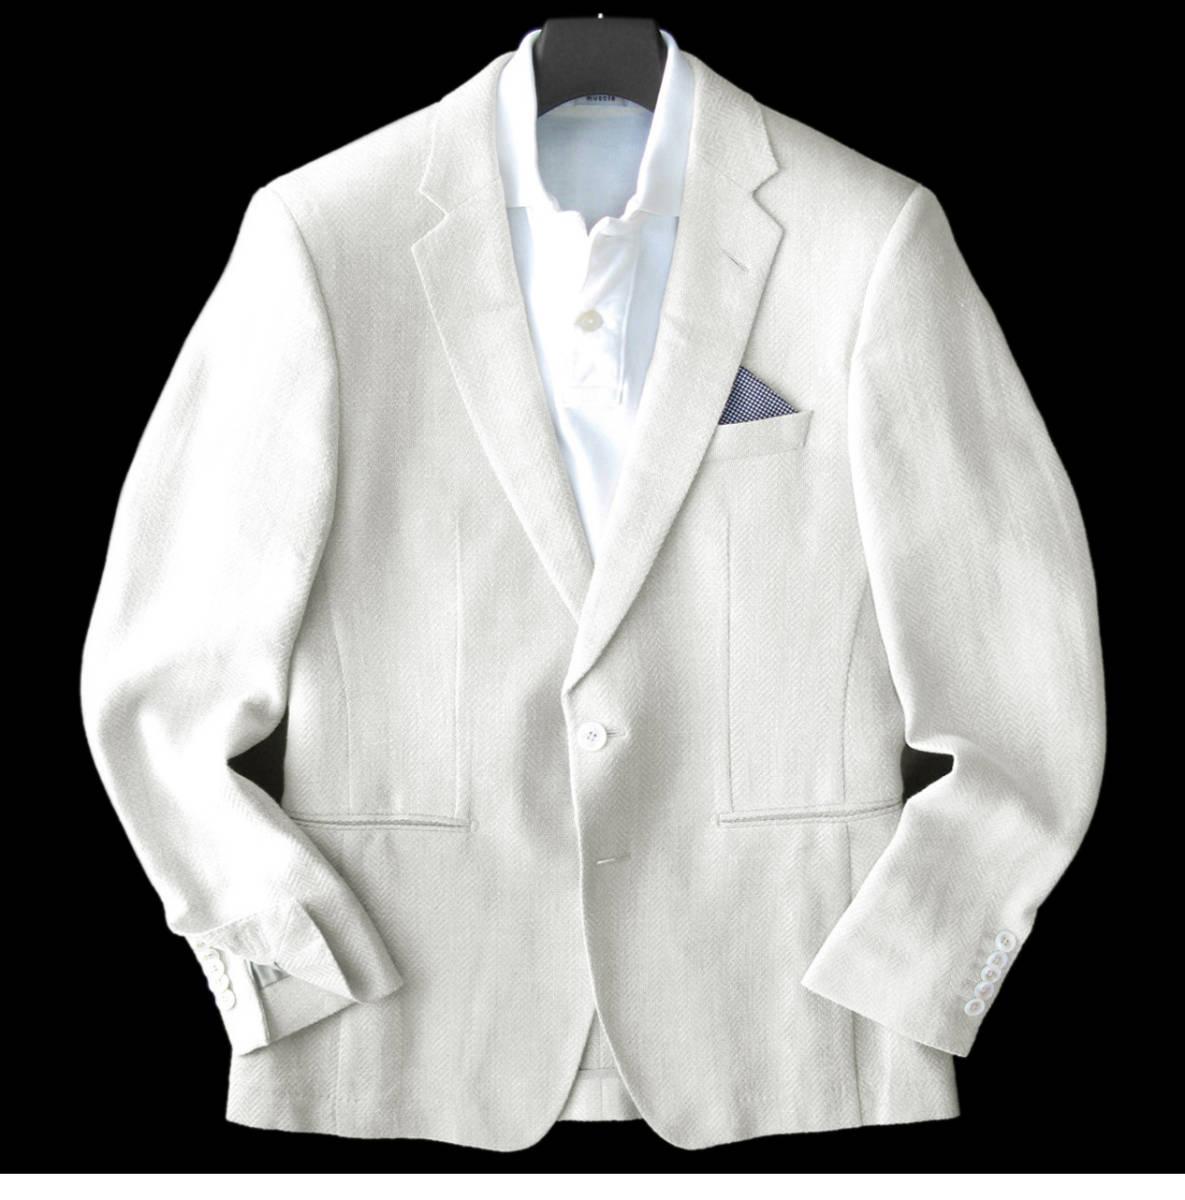 ◆新品 本物◆HUGO BOSS 2釦 ジャケット 14万円 ◆◆ イタリア製 ピアチェンツァ 高級服地使用 ◆◆